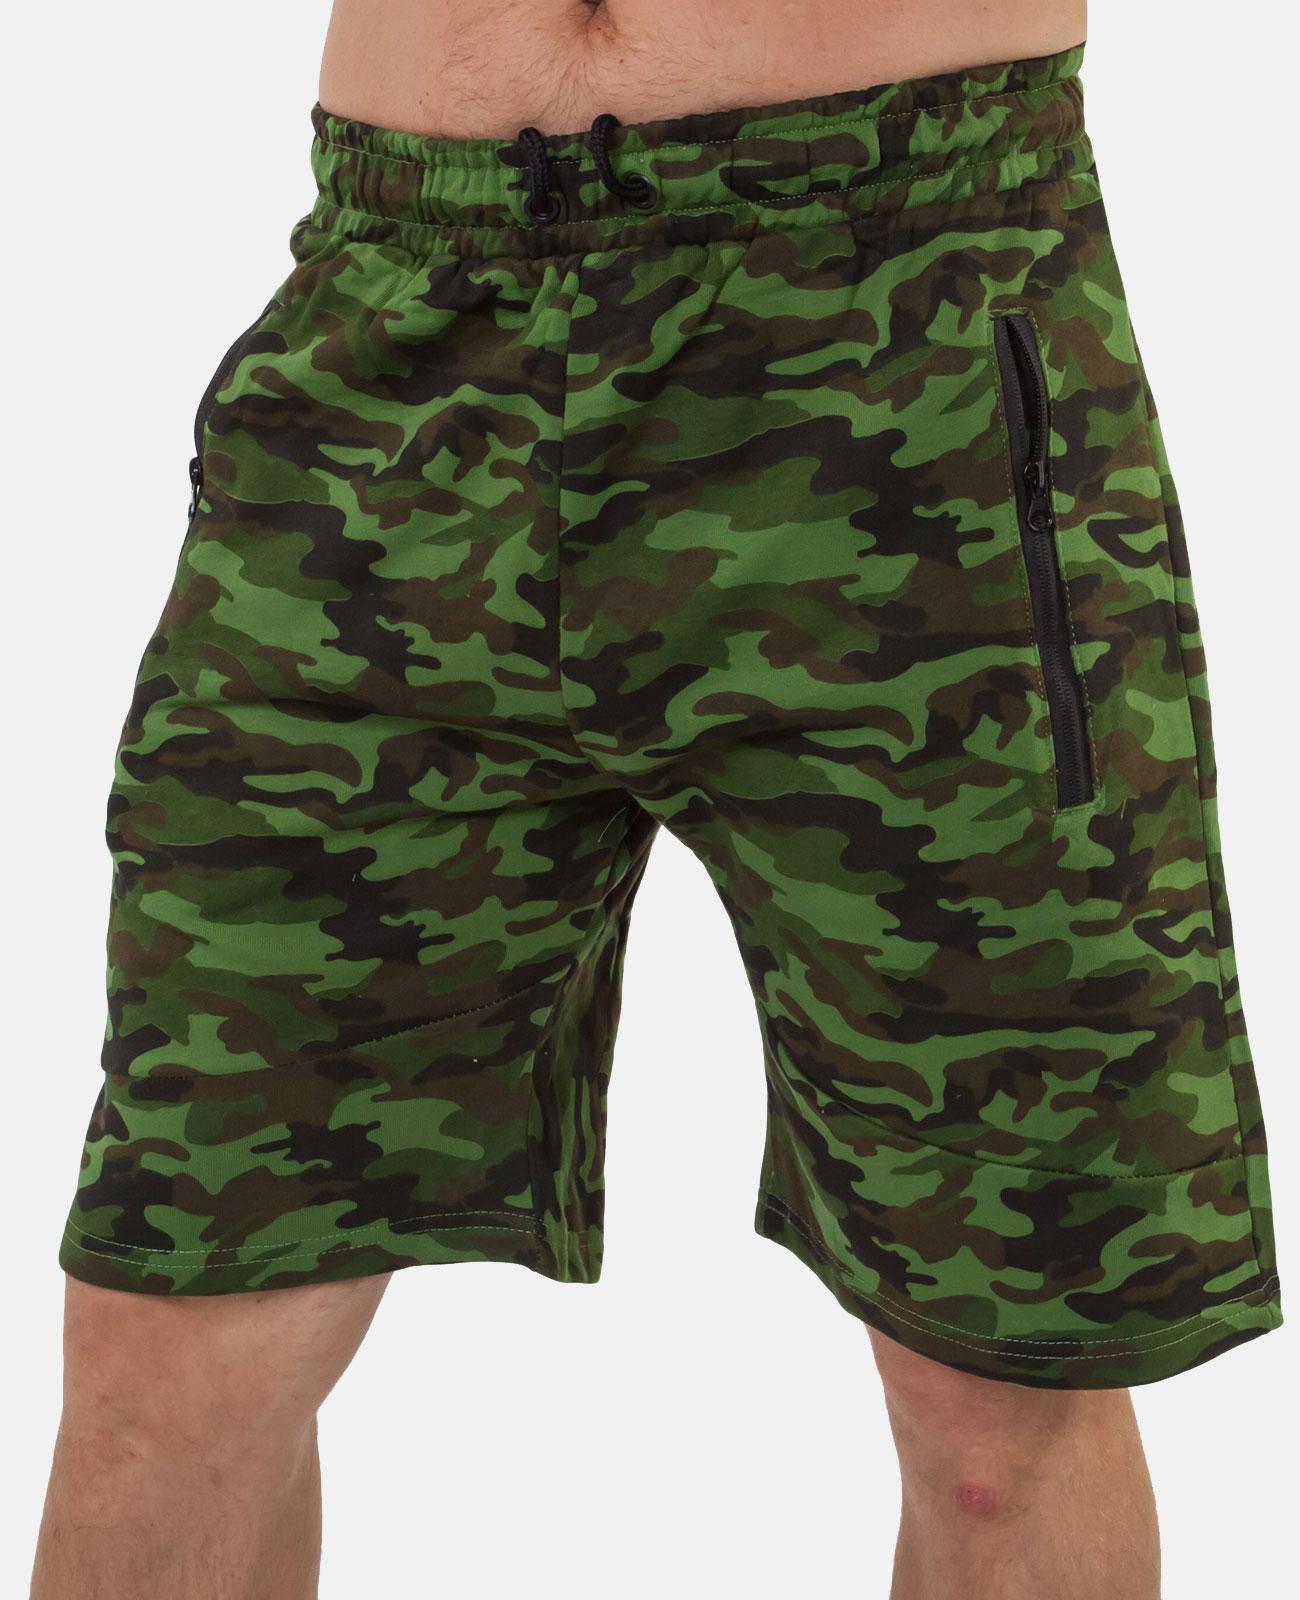 Лучшие цены на мужские шорты в армейском стиле – выбор моделей огромен!